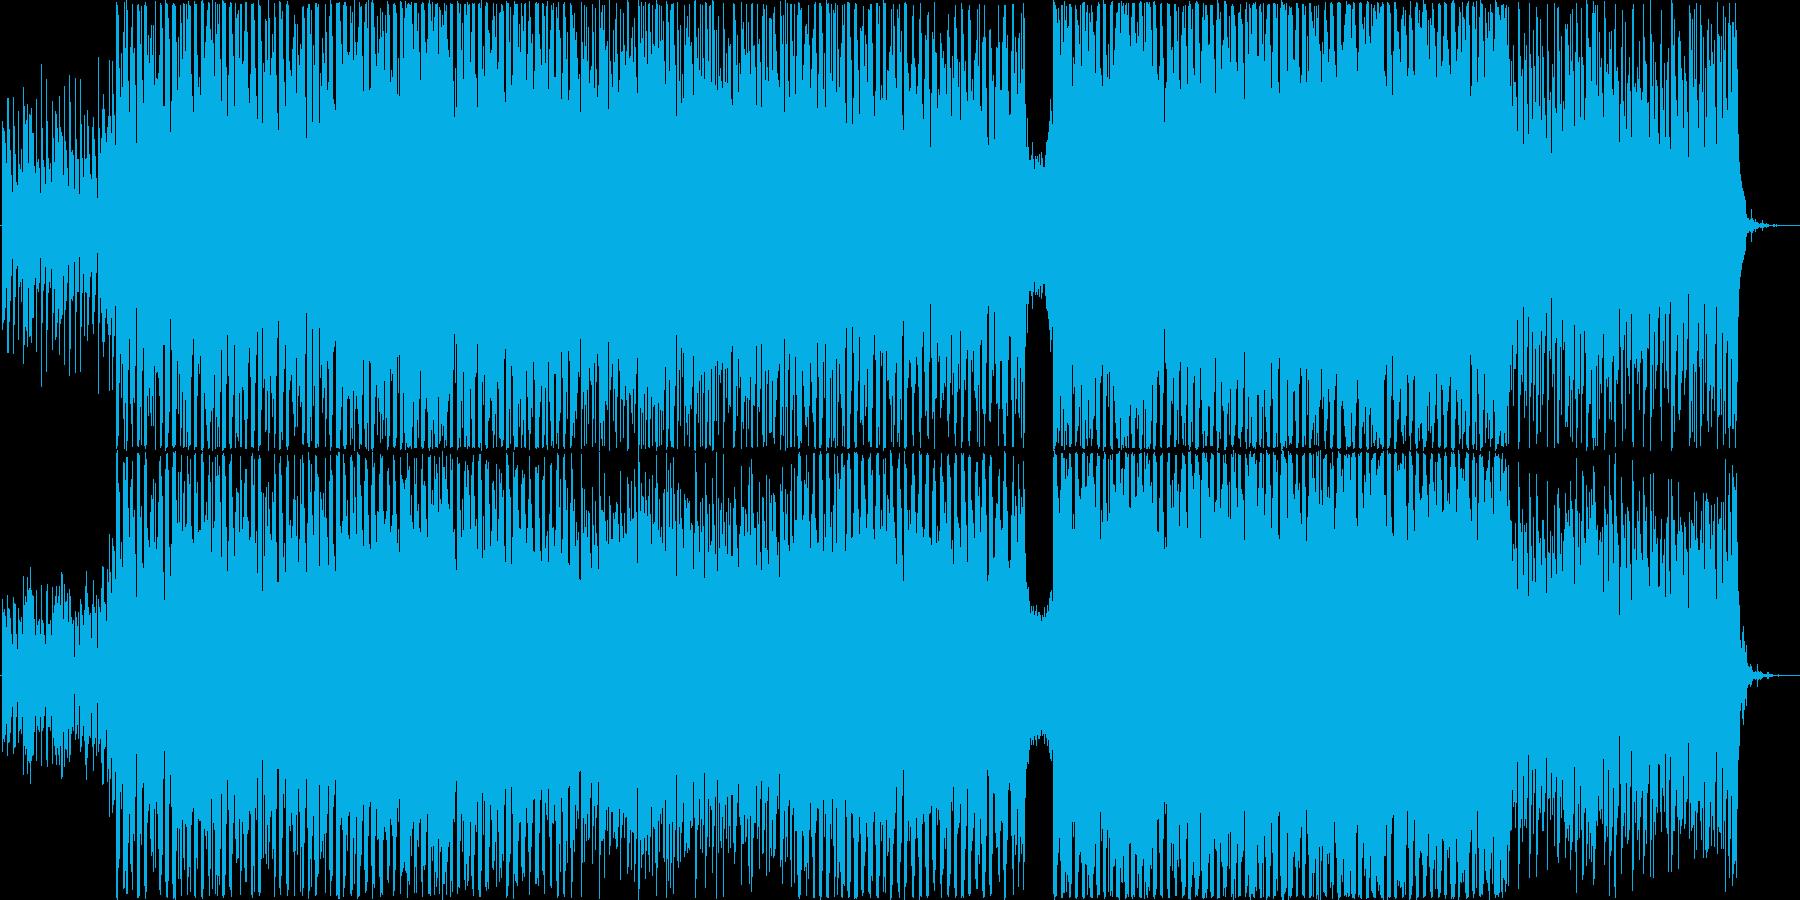 透明感があるギターエレクトロな曲の再生済みの波形